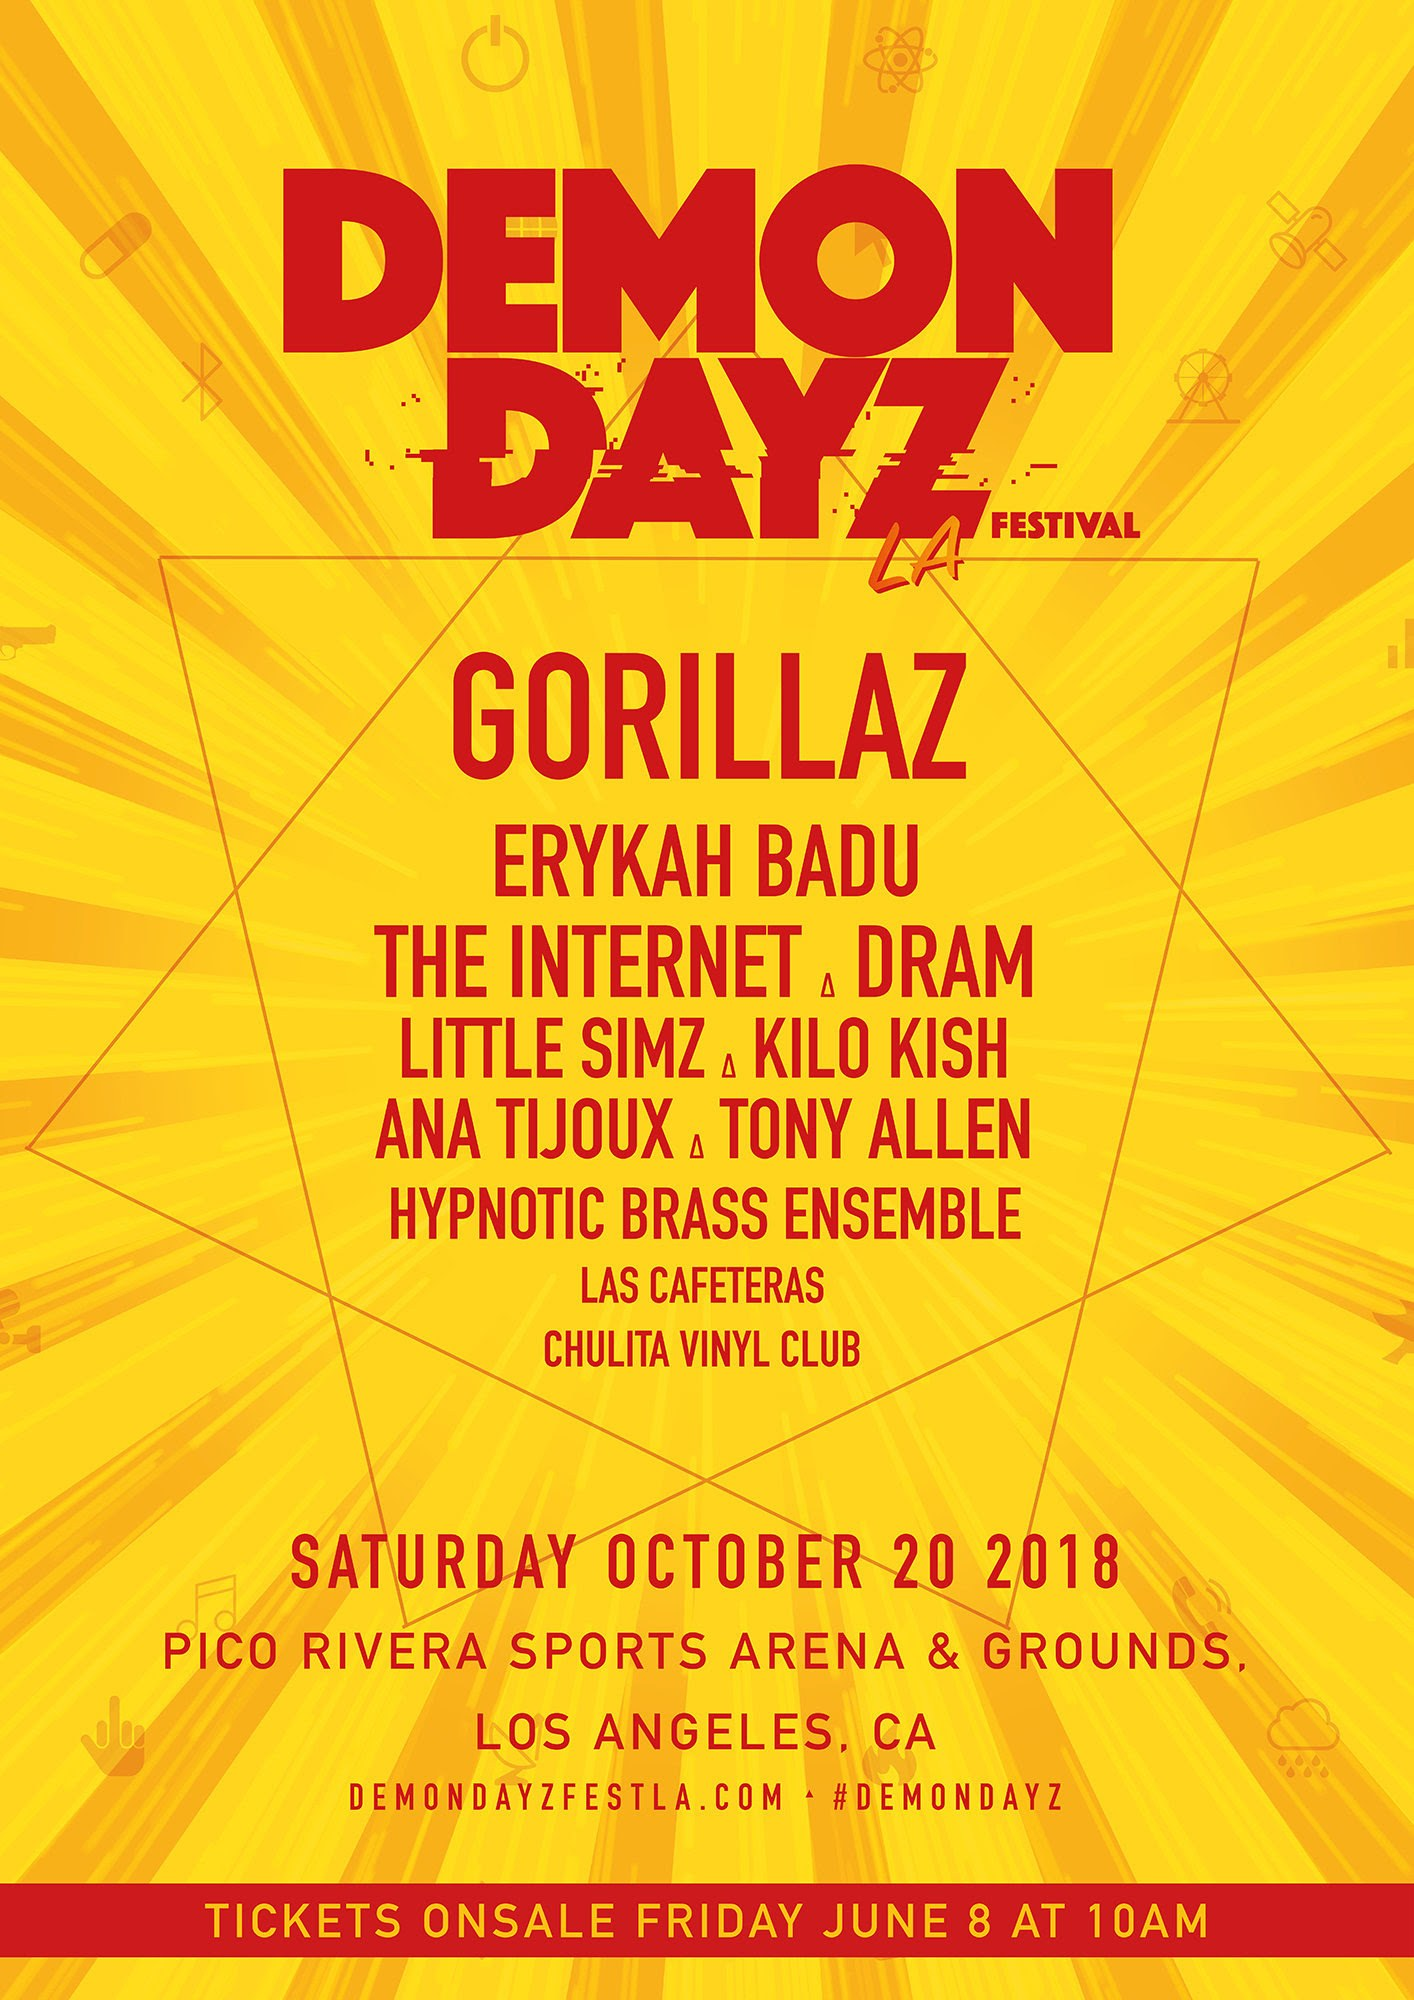 El Demon Dayz Festival 2018 de Gorillaz anunció su line up para la segunda edición